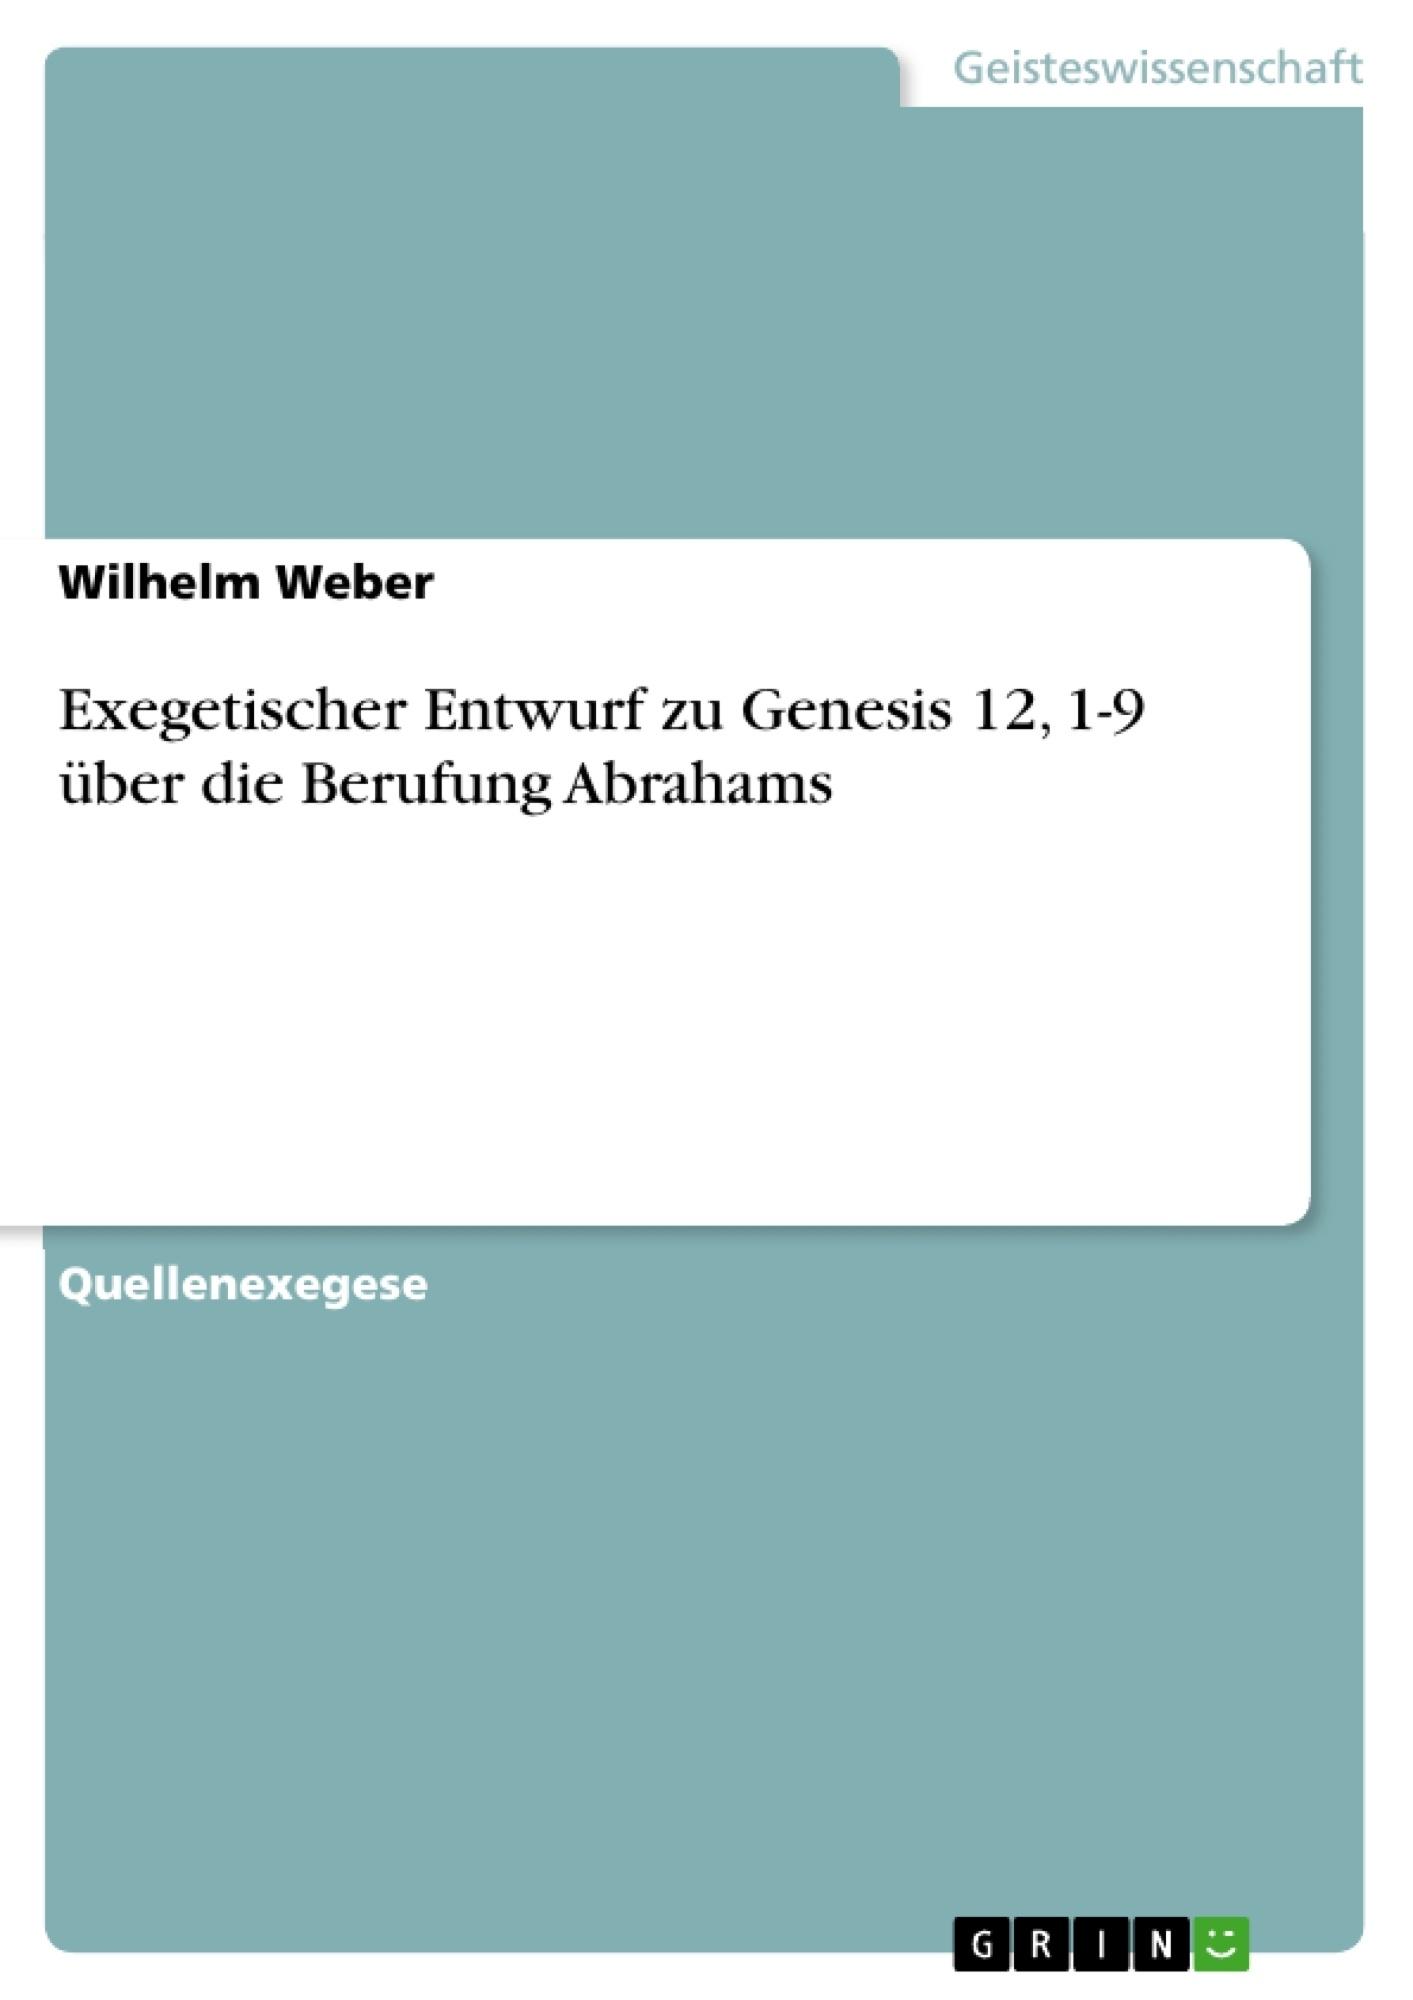 Titel: Exegetischer Entwurf zu Genesis 12, 1-9 über die Berufung Abrahams